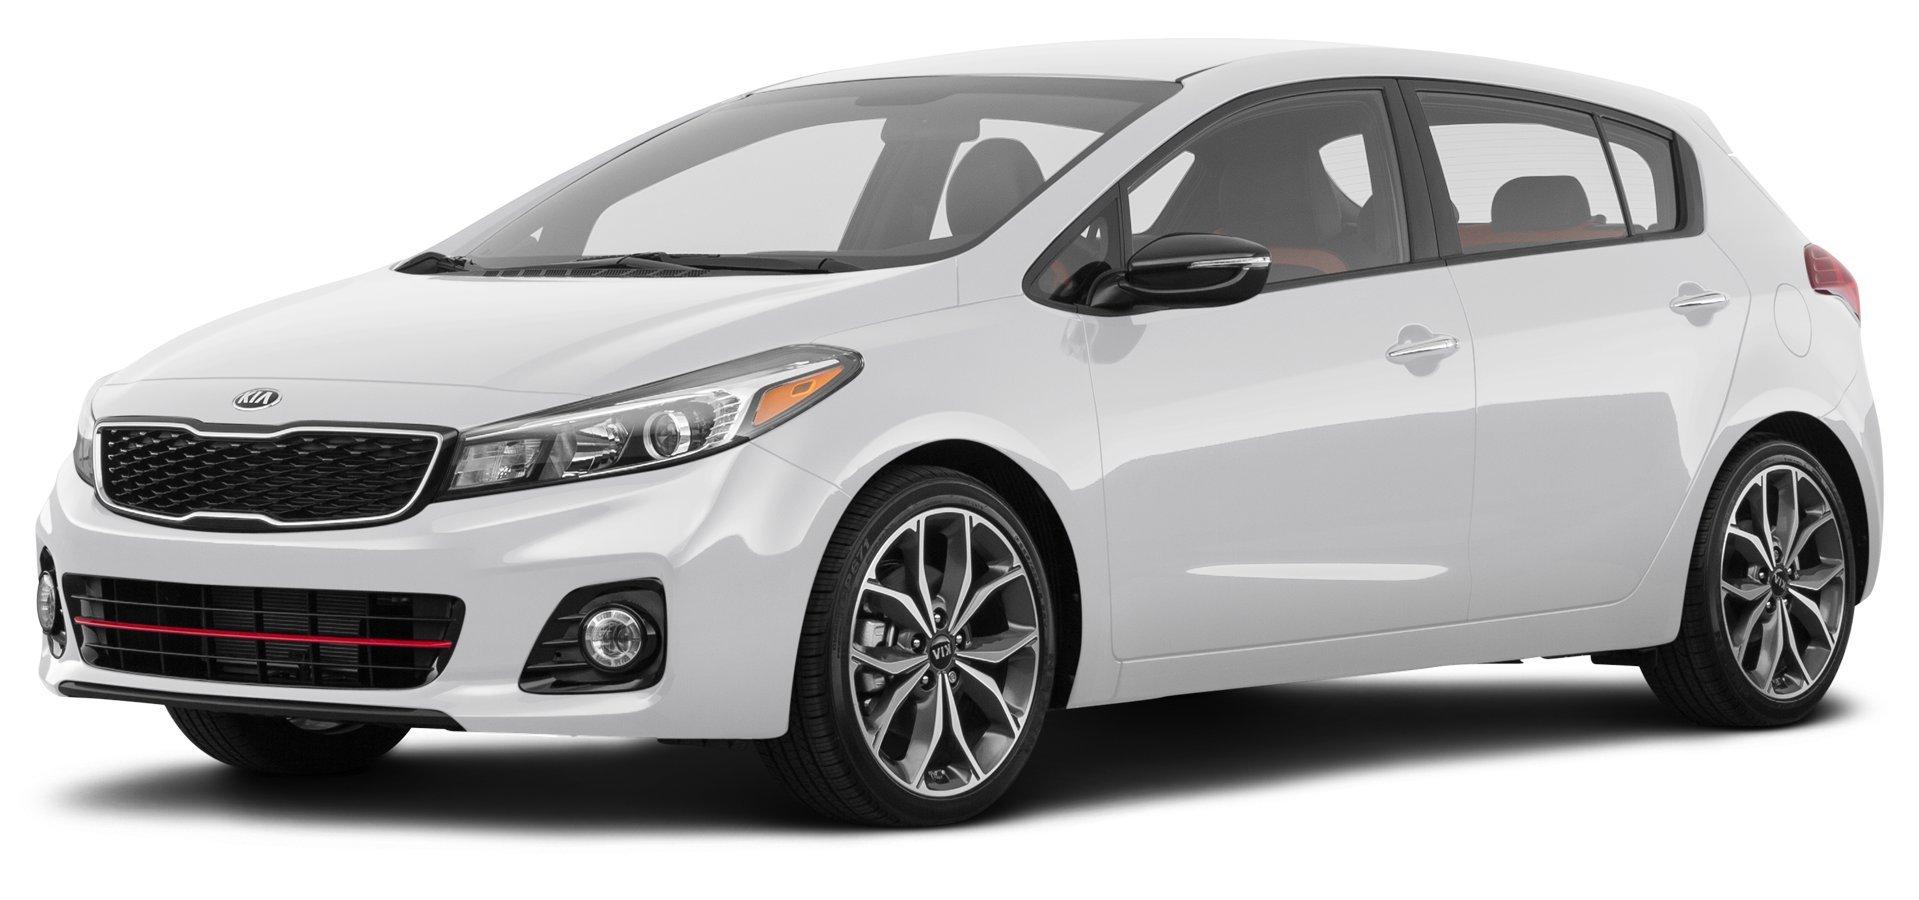 Amazon.com: 2018 Honda Civic reseñas, imágenes y ...